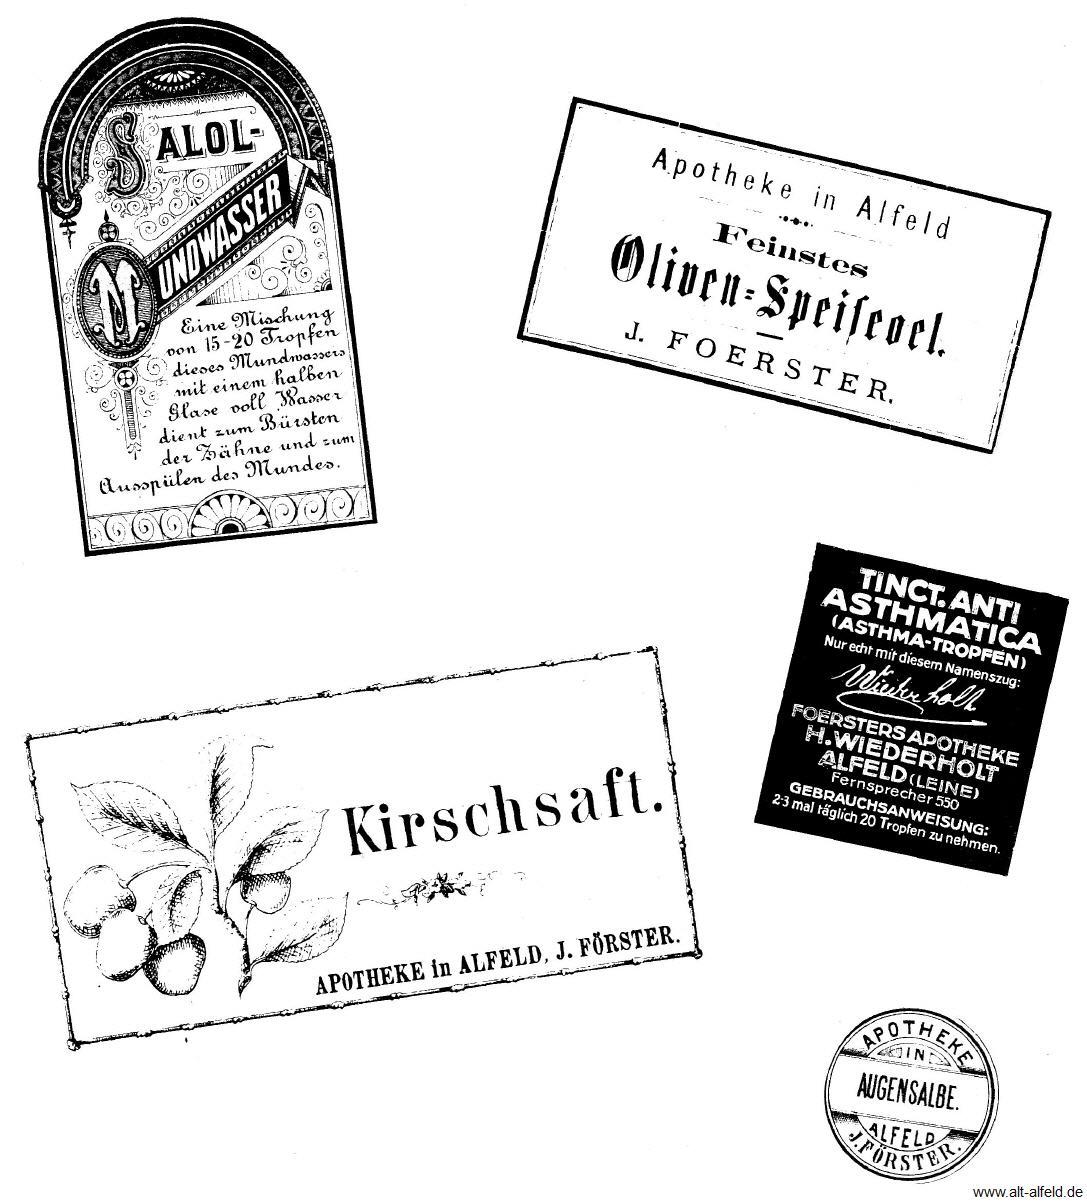 Ausgezeichnet Apotheke Brief Ideen - FORTSETZUNG ARBEITSBLATT ...